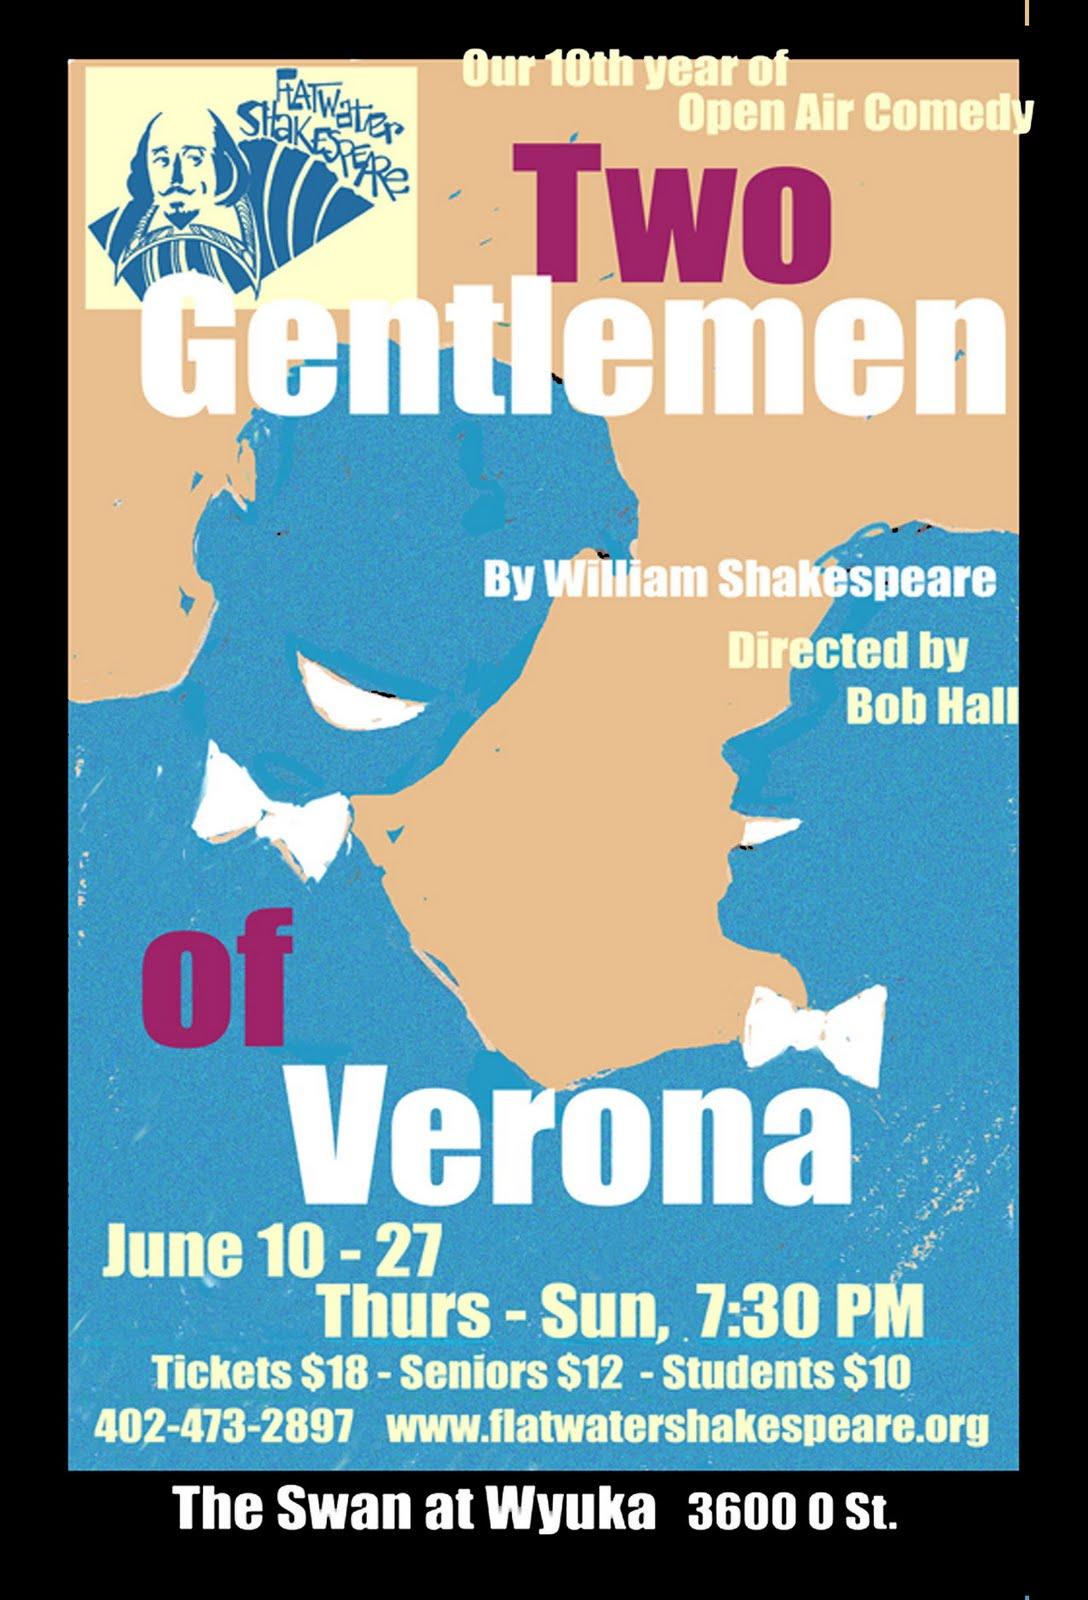 flatwater shakespeare s blog news  ten years of open air comedy flatwater shakespeare presents the two gentlemen of verona